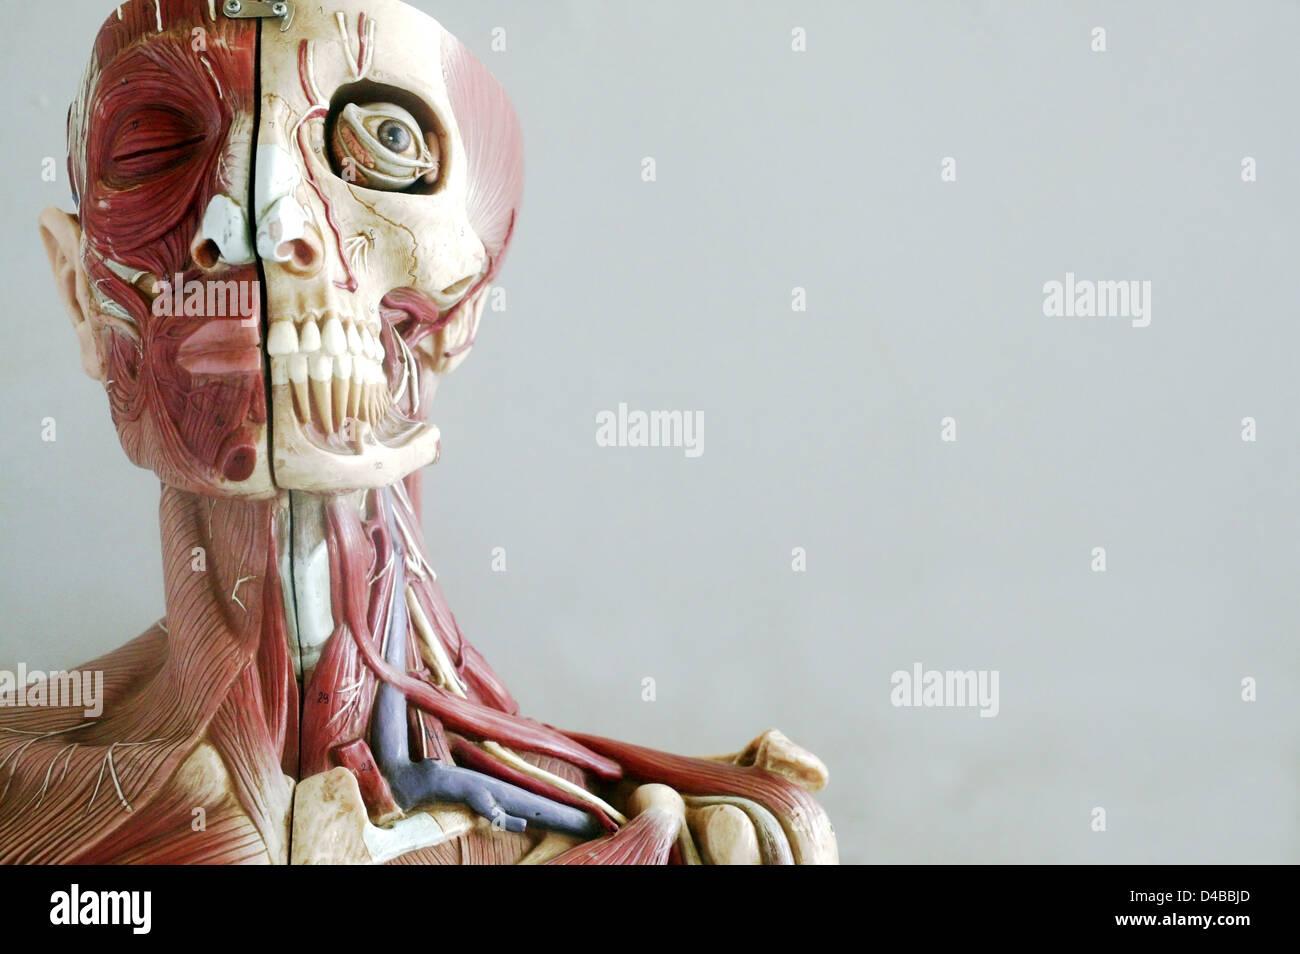 Niedlich Anatomische Modelle Bilder - Menschliche Anatomie Bilder ...